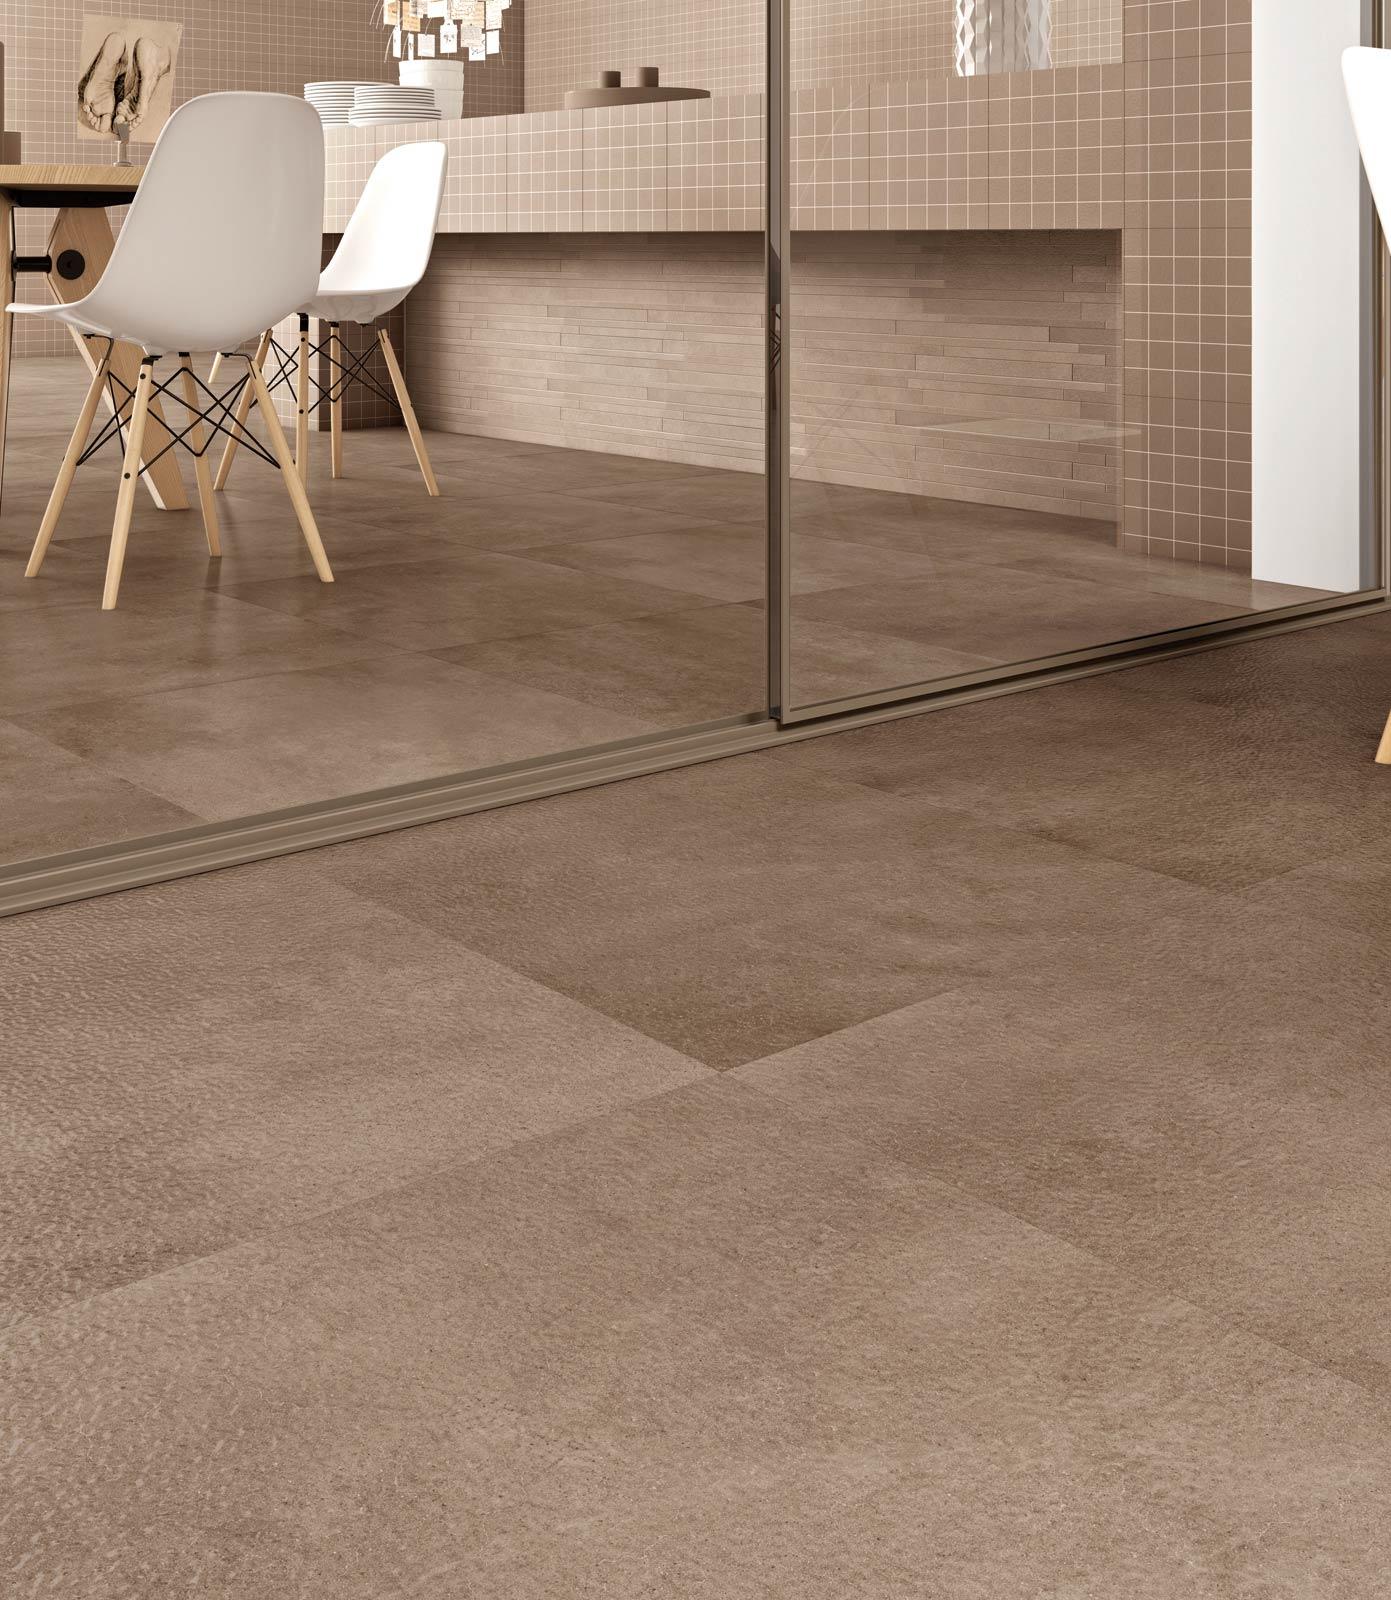 Piastrelle pavimenti e rivestimenti effetti e colori for Immagini di pavimenti per interni